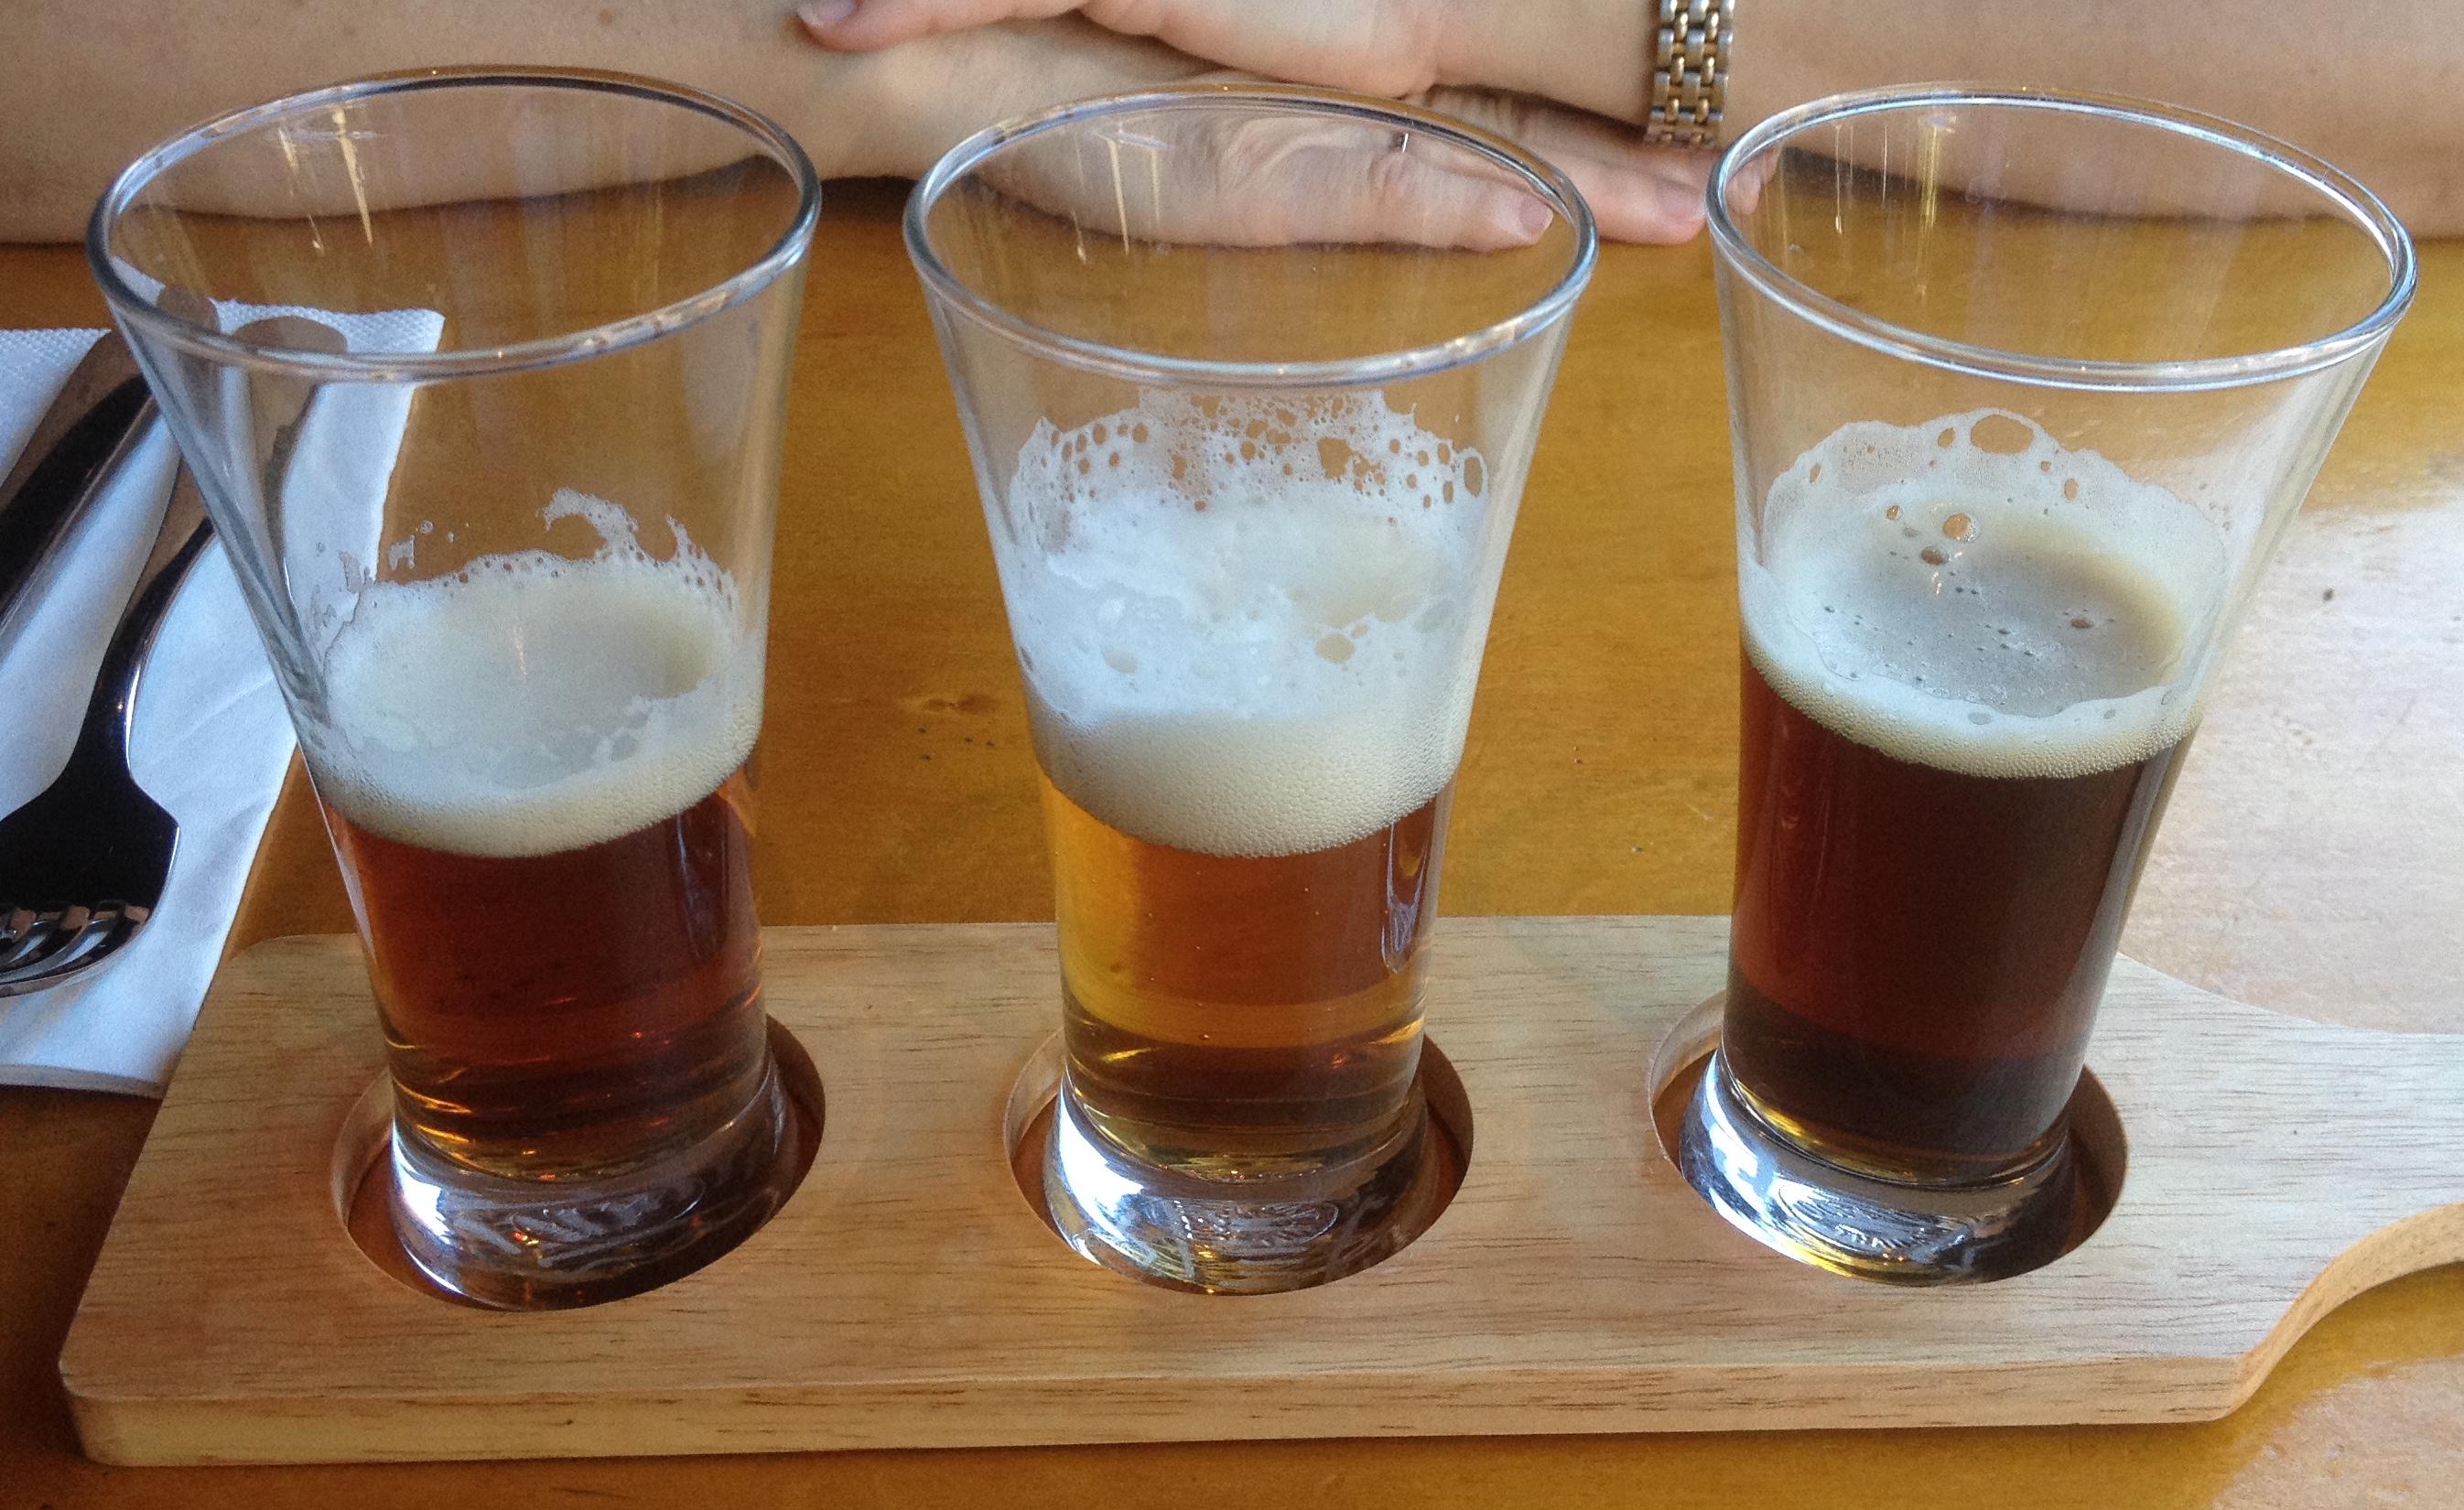 geen verkoopbelasting best cool grote verscheidenheid aan stijlen Beer style - Wikipedia